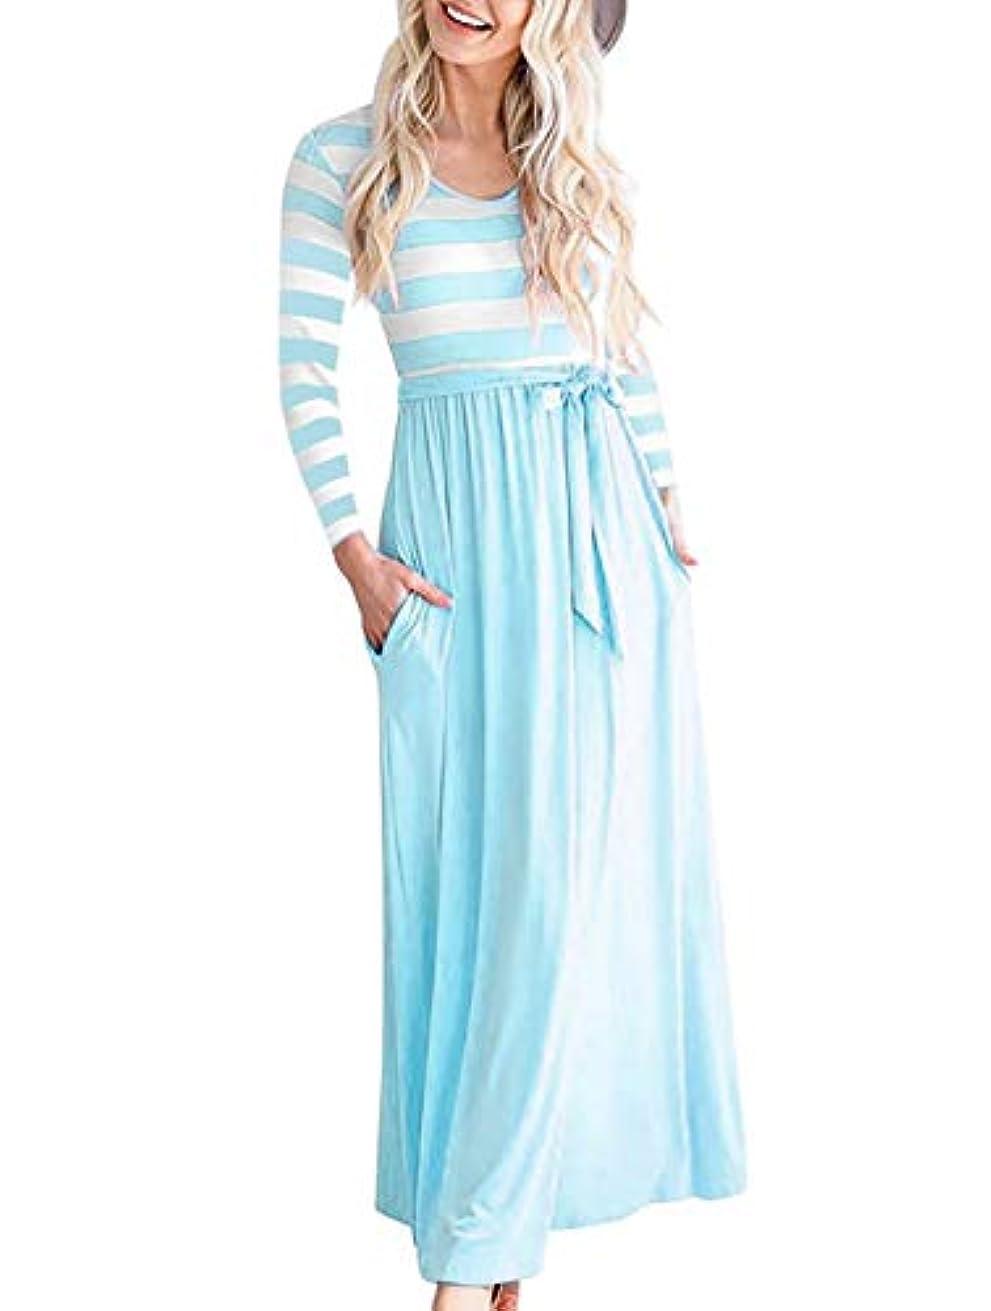 仲人温度計モザイク女性のドレス 秋コットンルーズファッション長袖印刷ストライプOネックカジュアルドレス